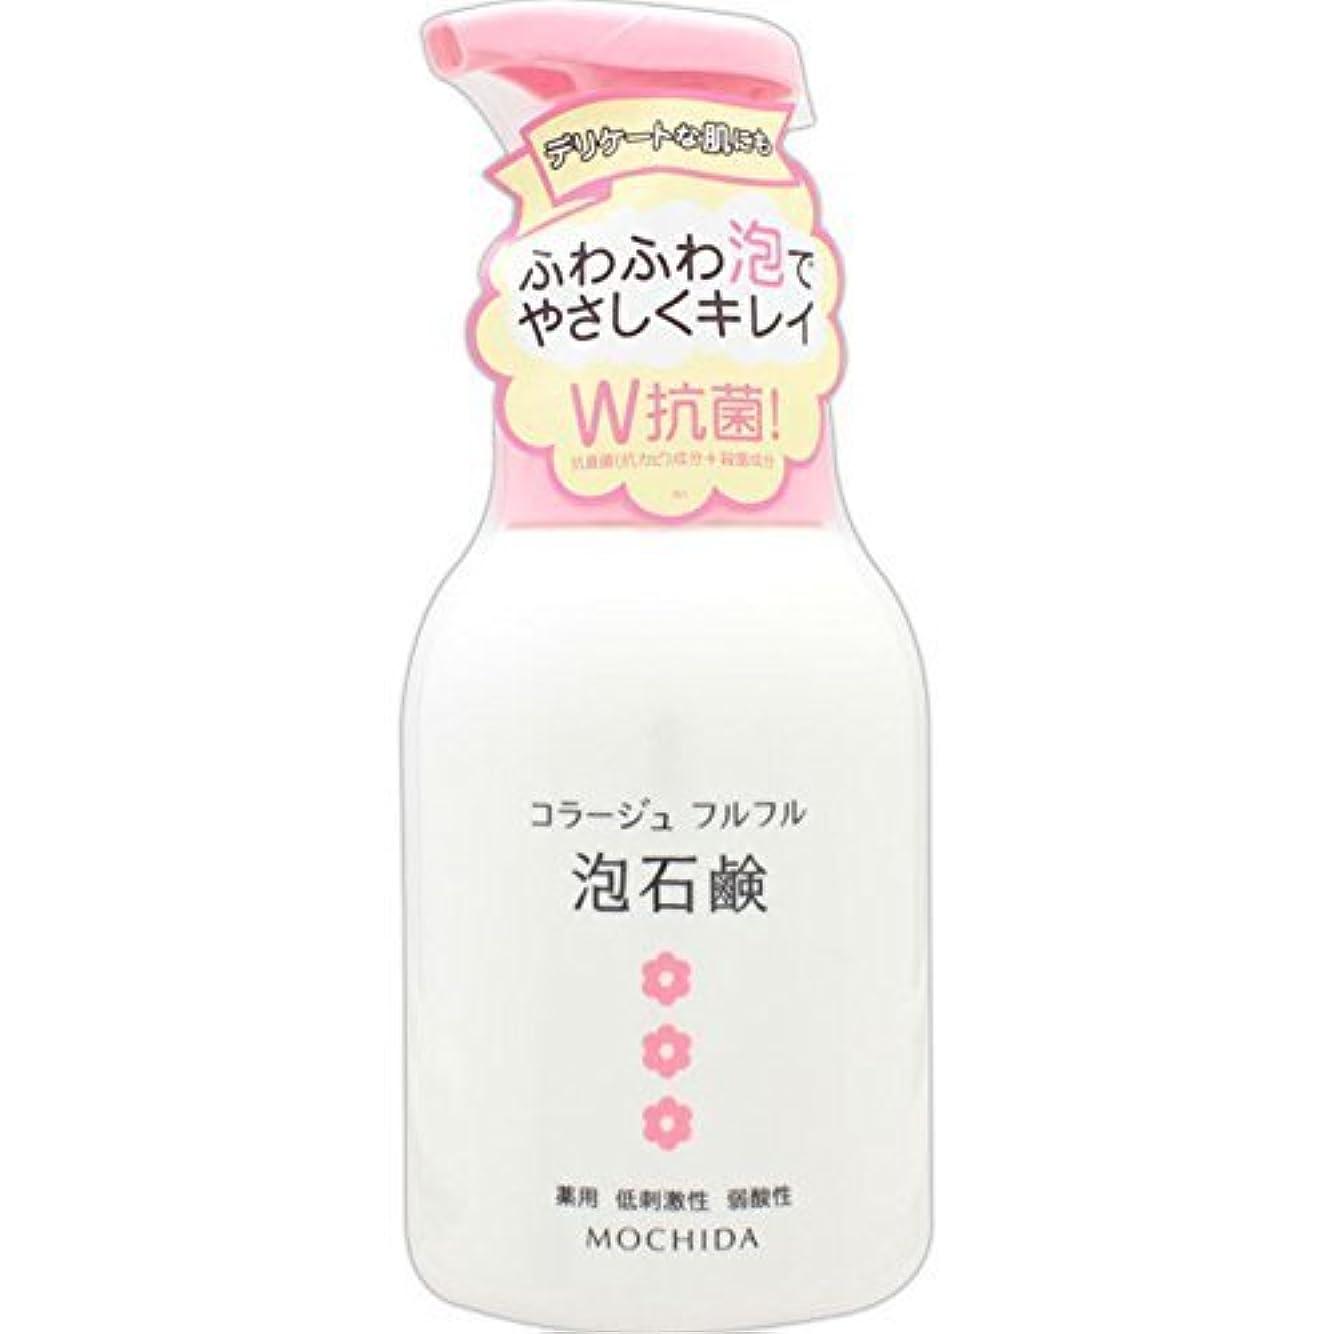 高度読みやすさ準備するコラージュフルフル 泡石鹸 ピンク 300m L (医薬部外品) ×2